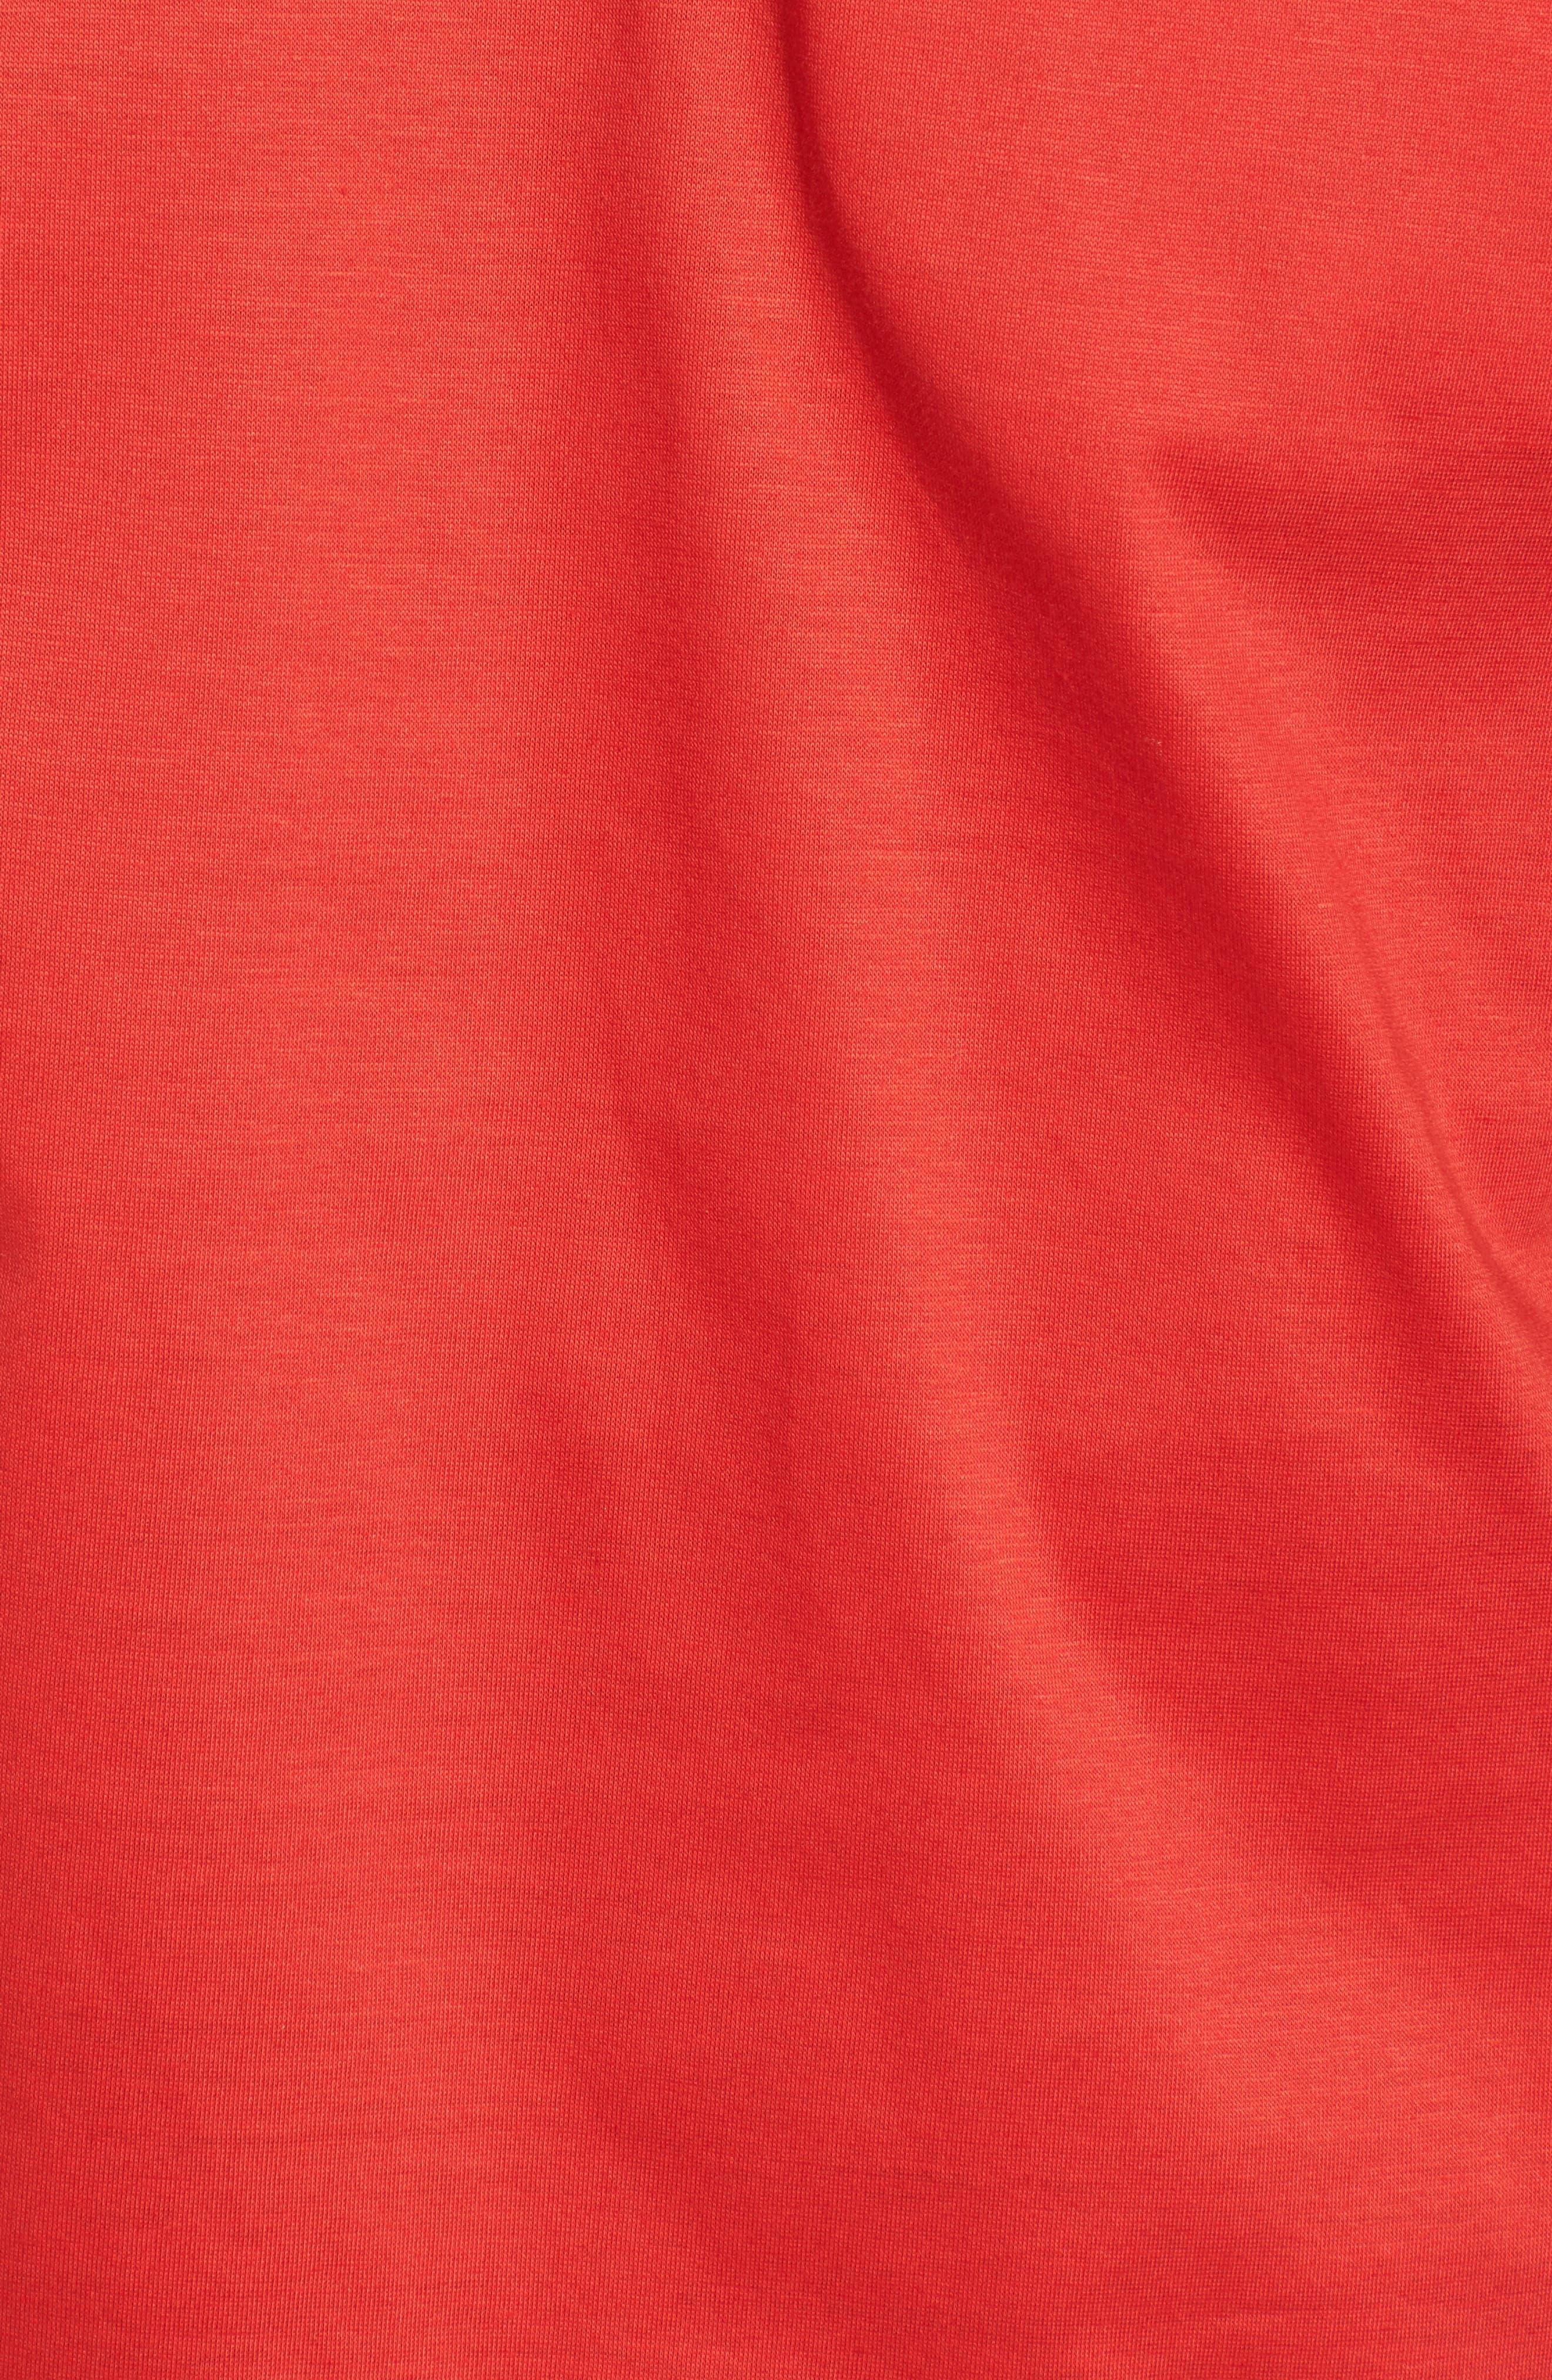 Puggltt Trim Fit Stripe Polo,                             Alternate thumbnail 5, color,                             Coral